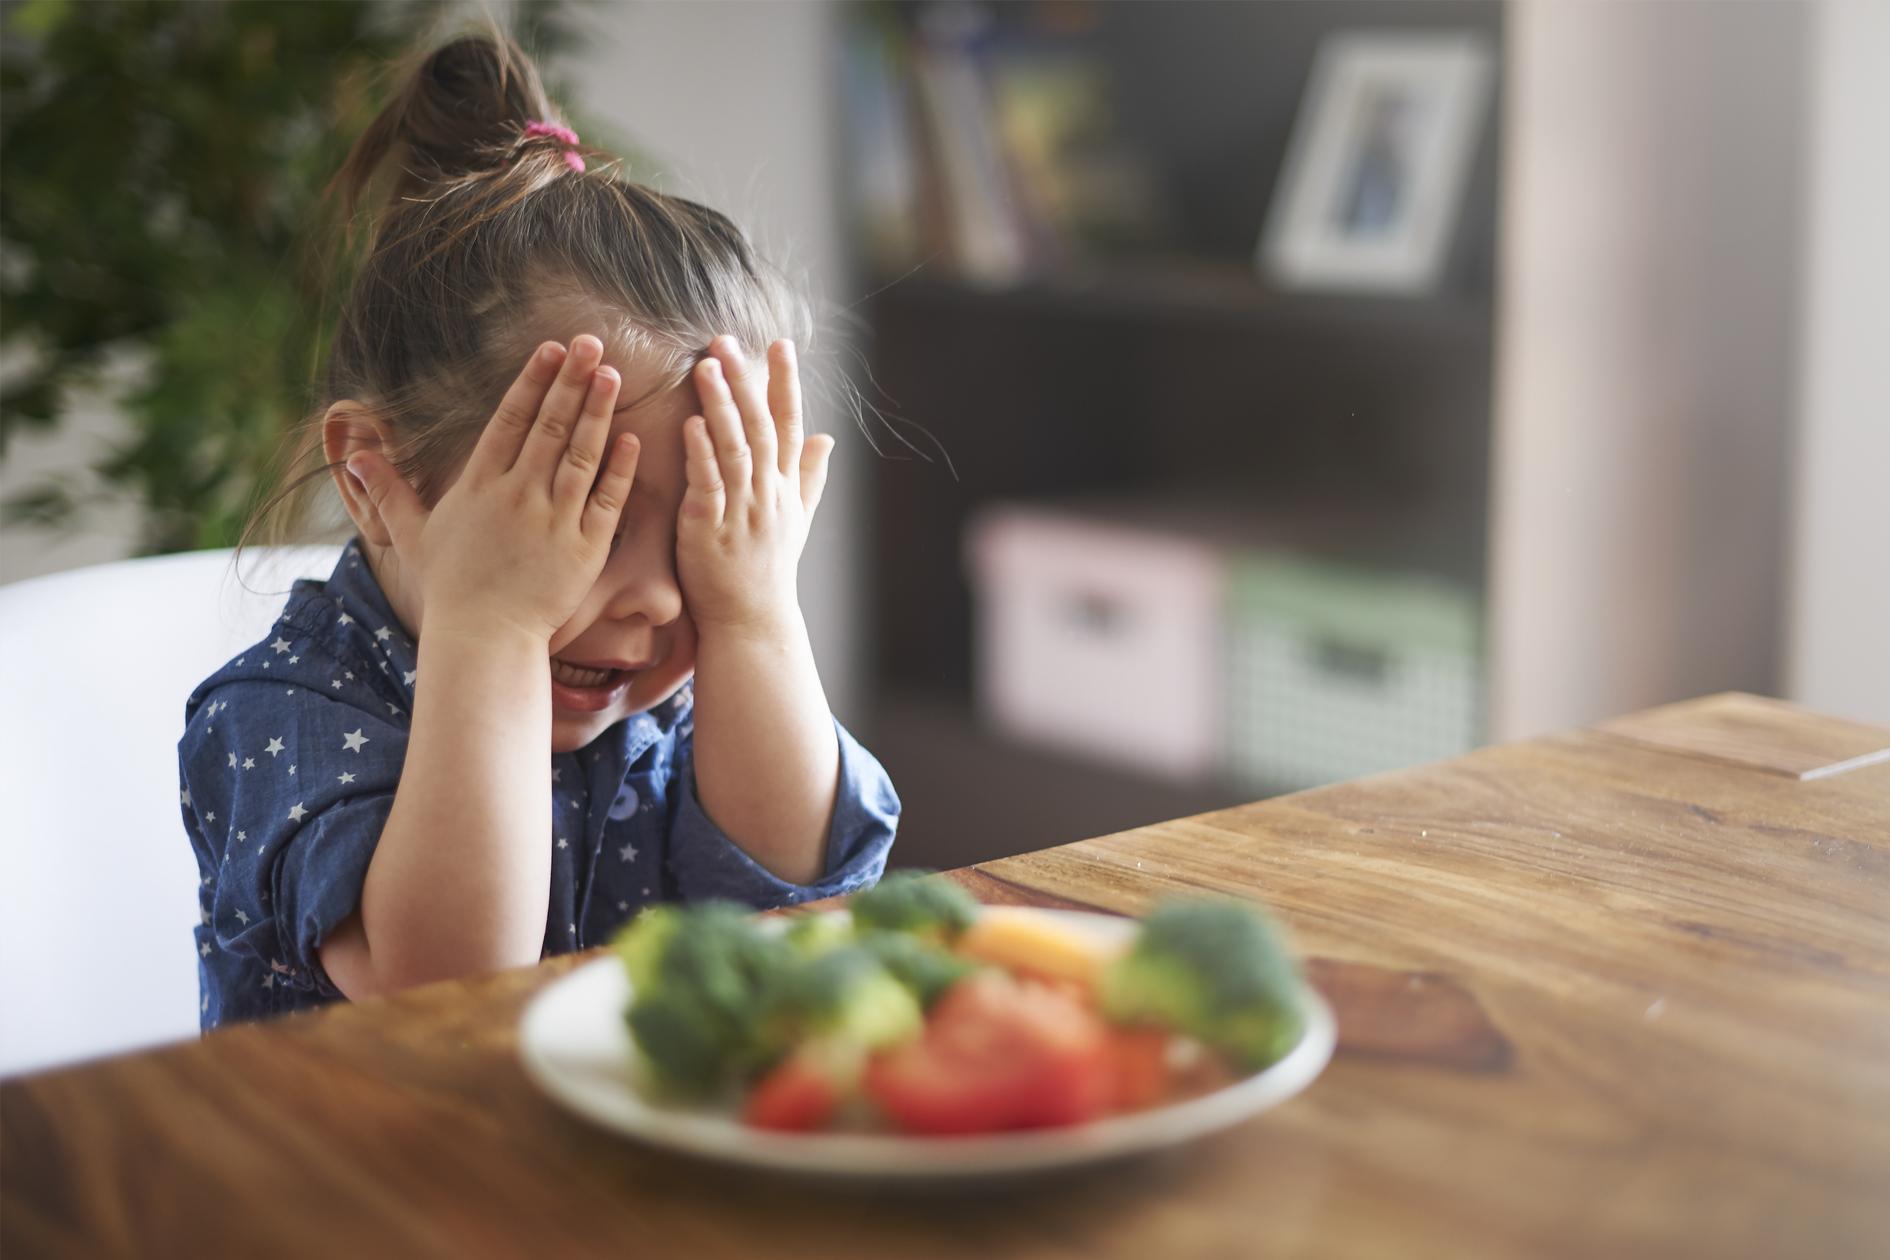 بهداشت و تغذیه کودک - کد دوره : 92100919